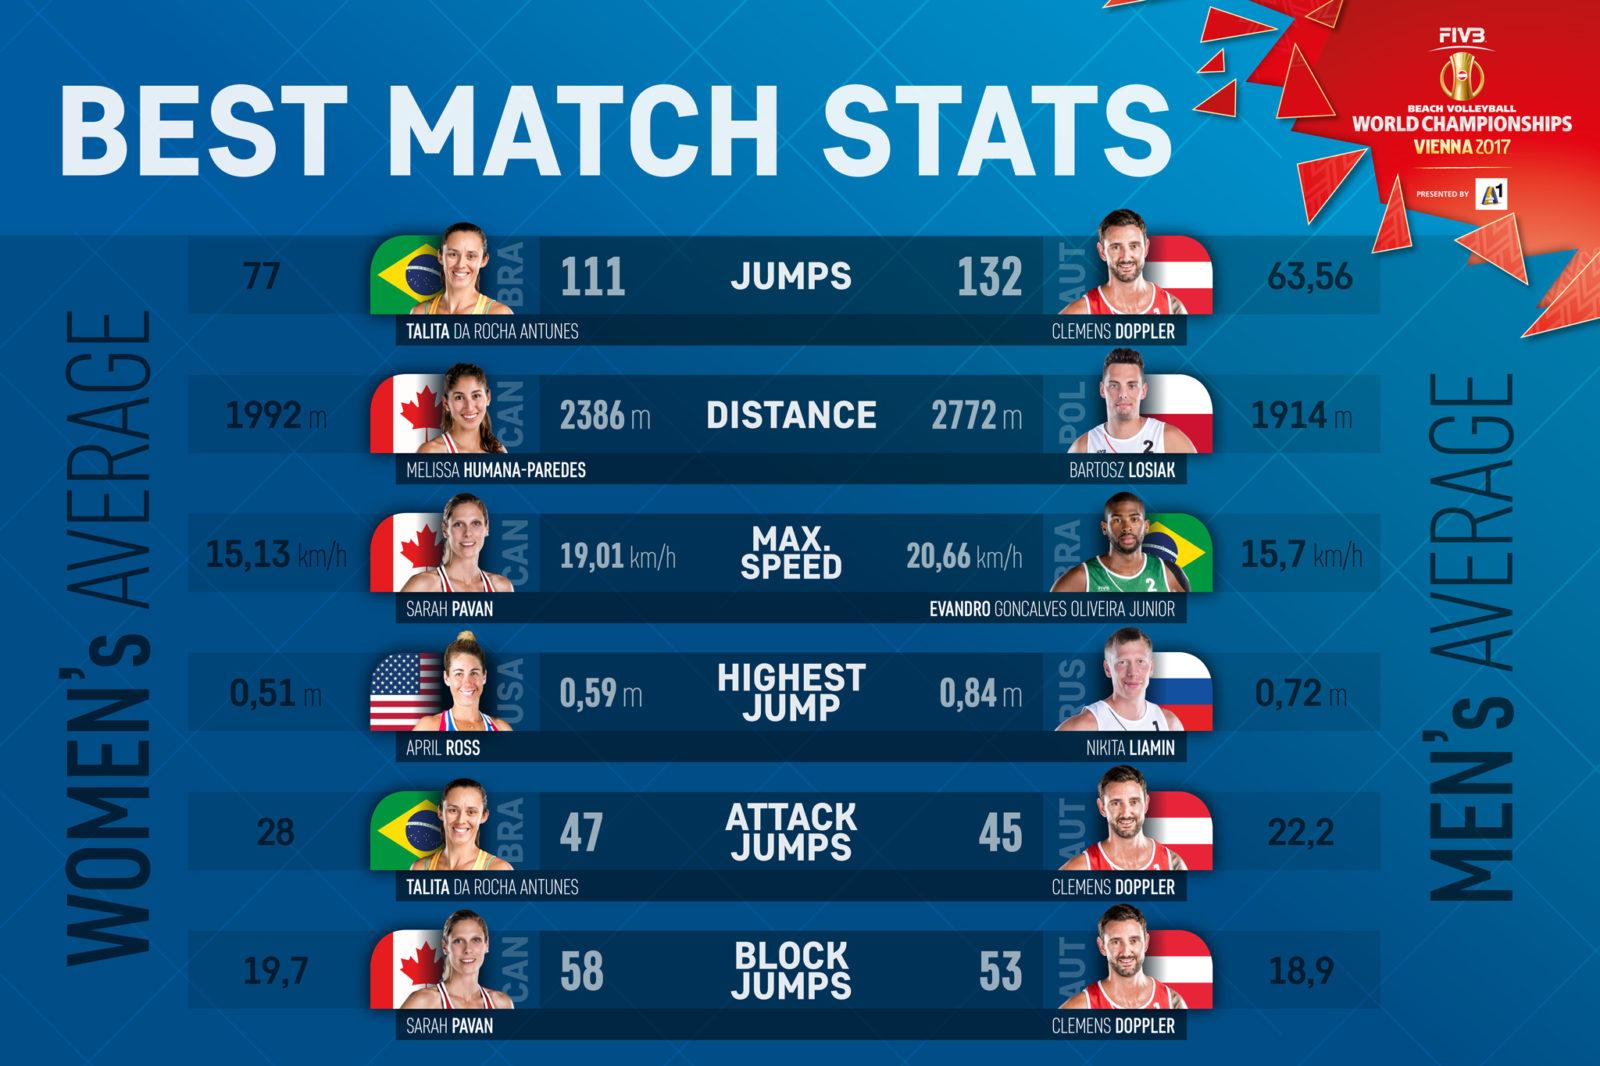 Best_match_stats_beach_volleyball